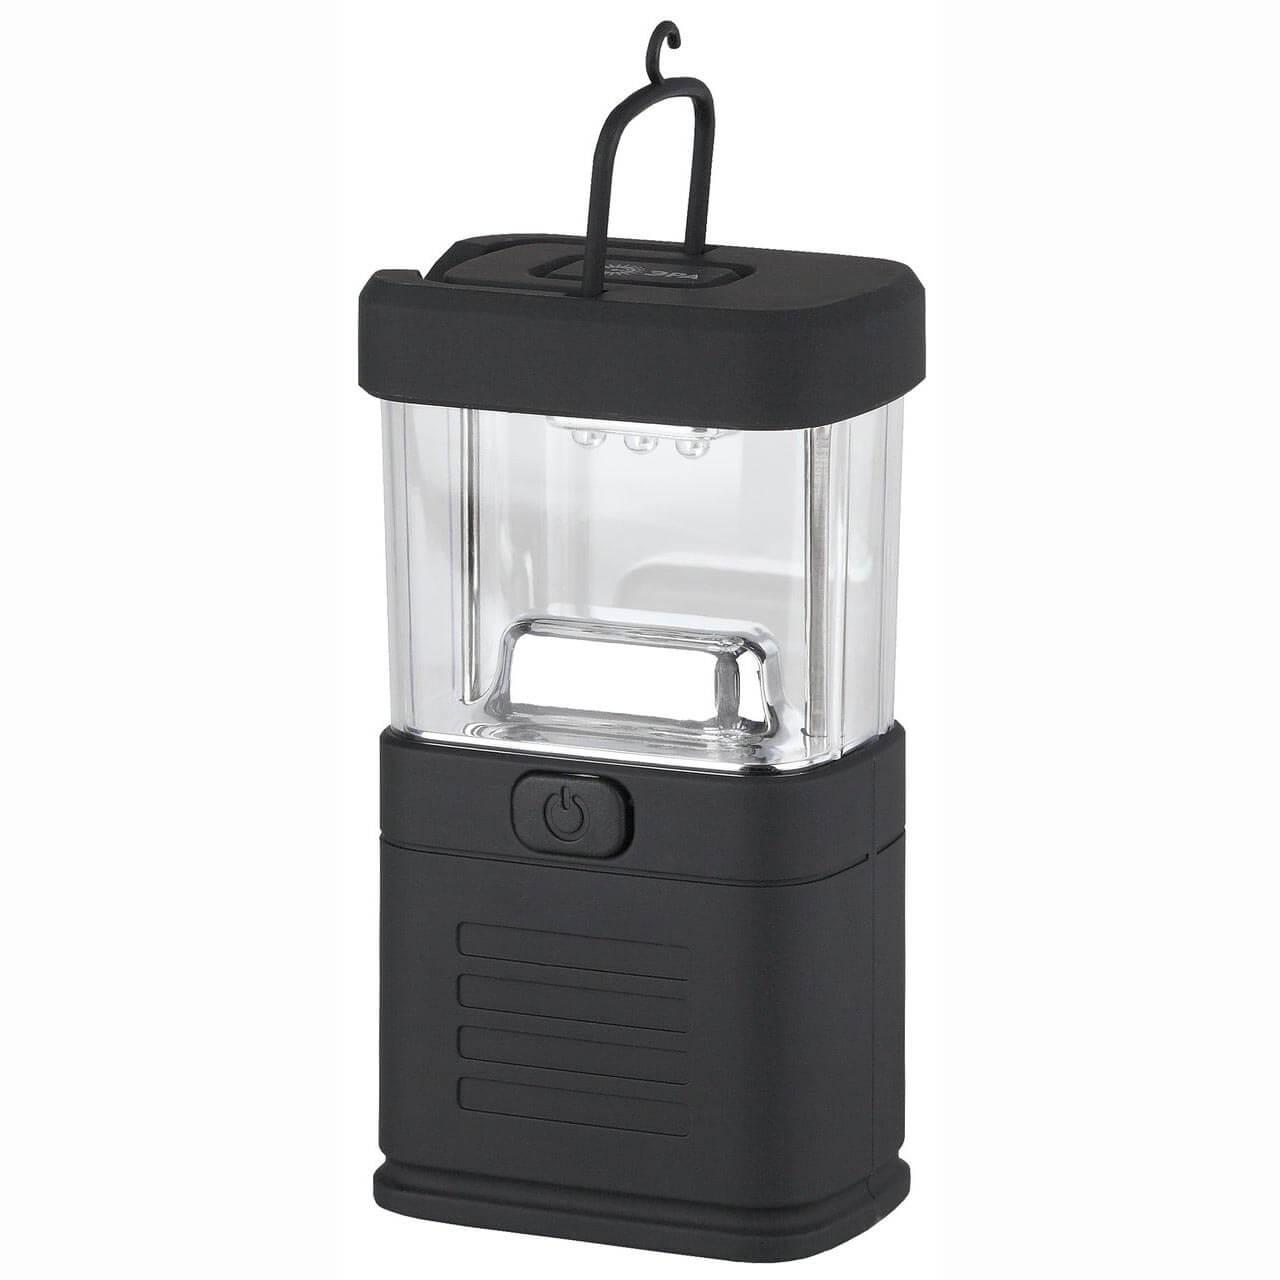 Кемпинговый светодиодный фонарь ЭРА от батареек KB-504 светодиодный алюминиевый фонарь эра sd9